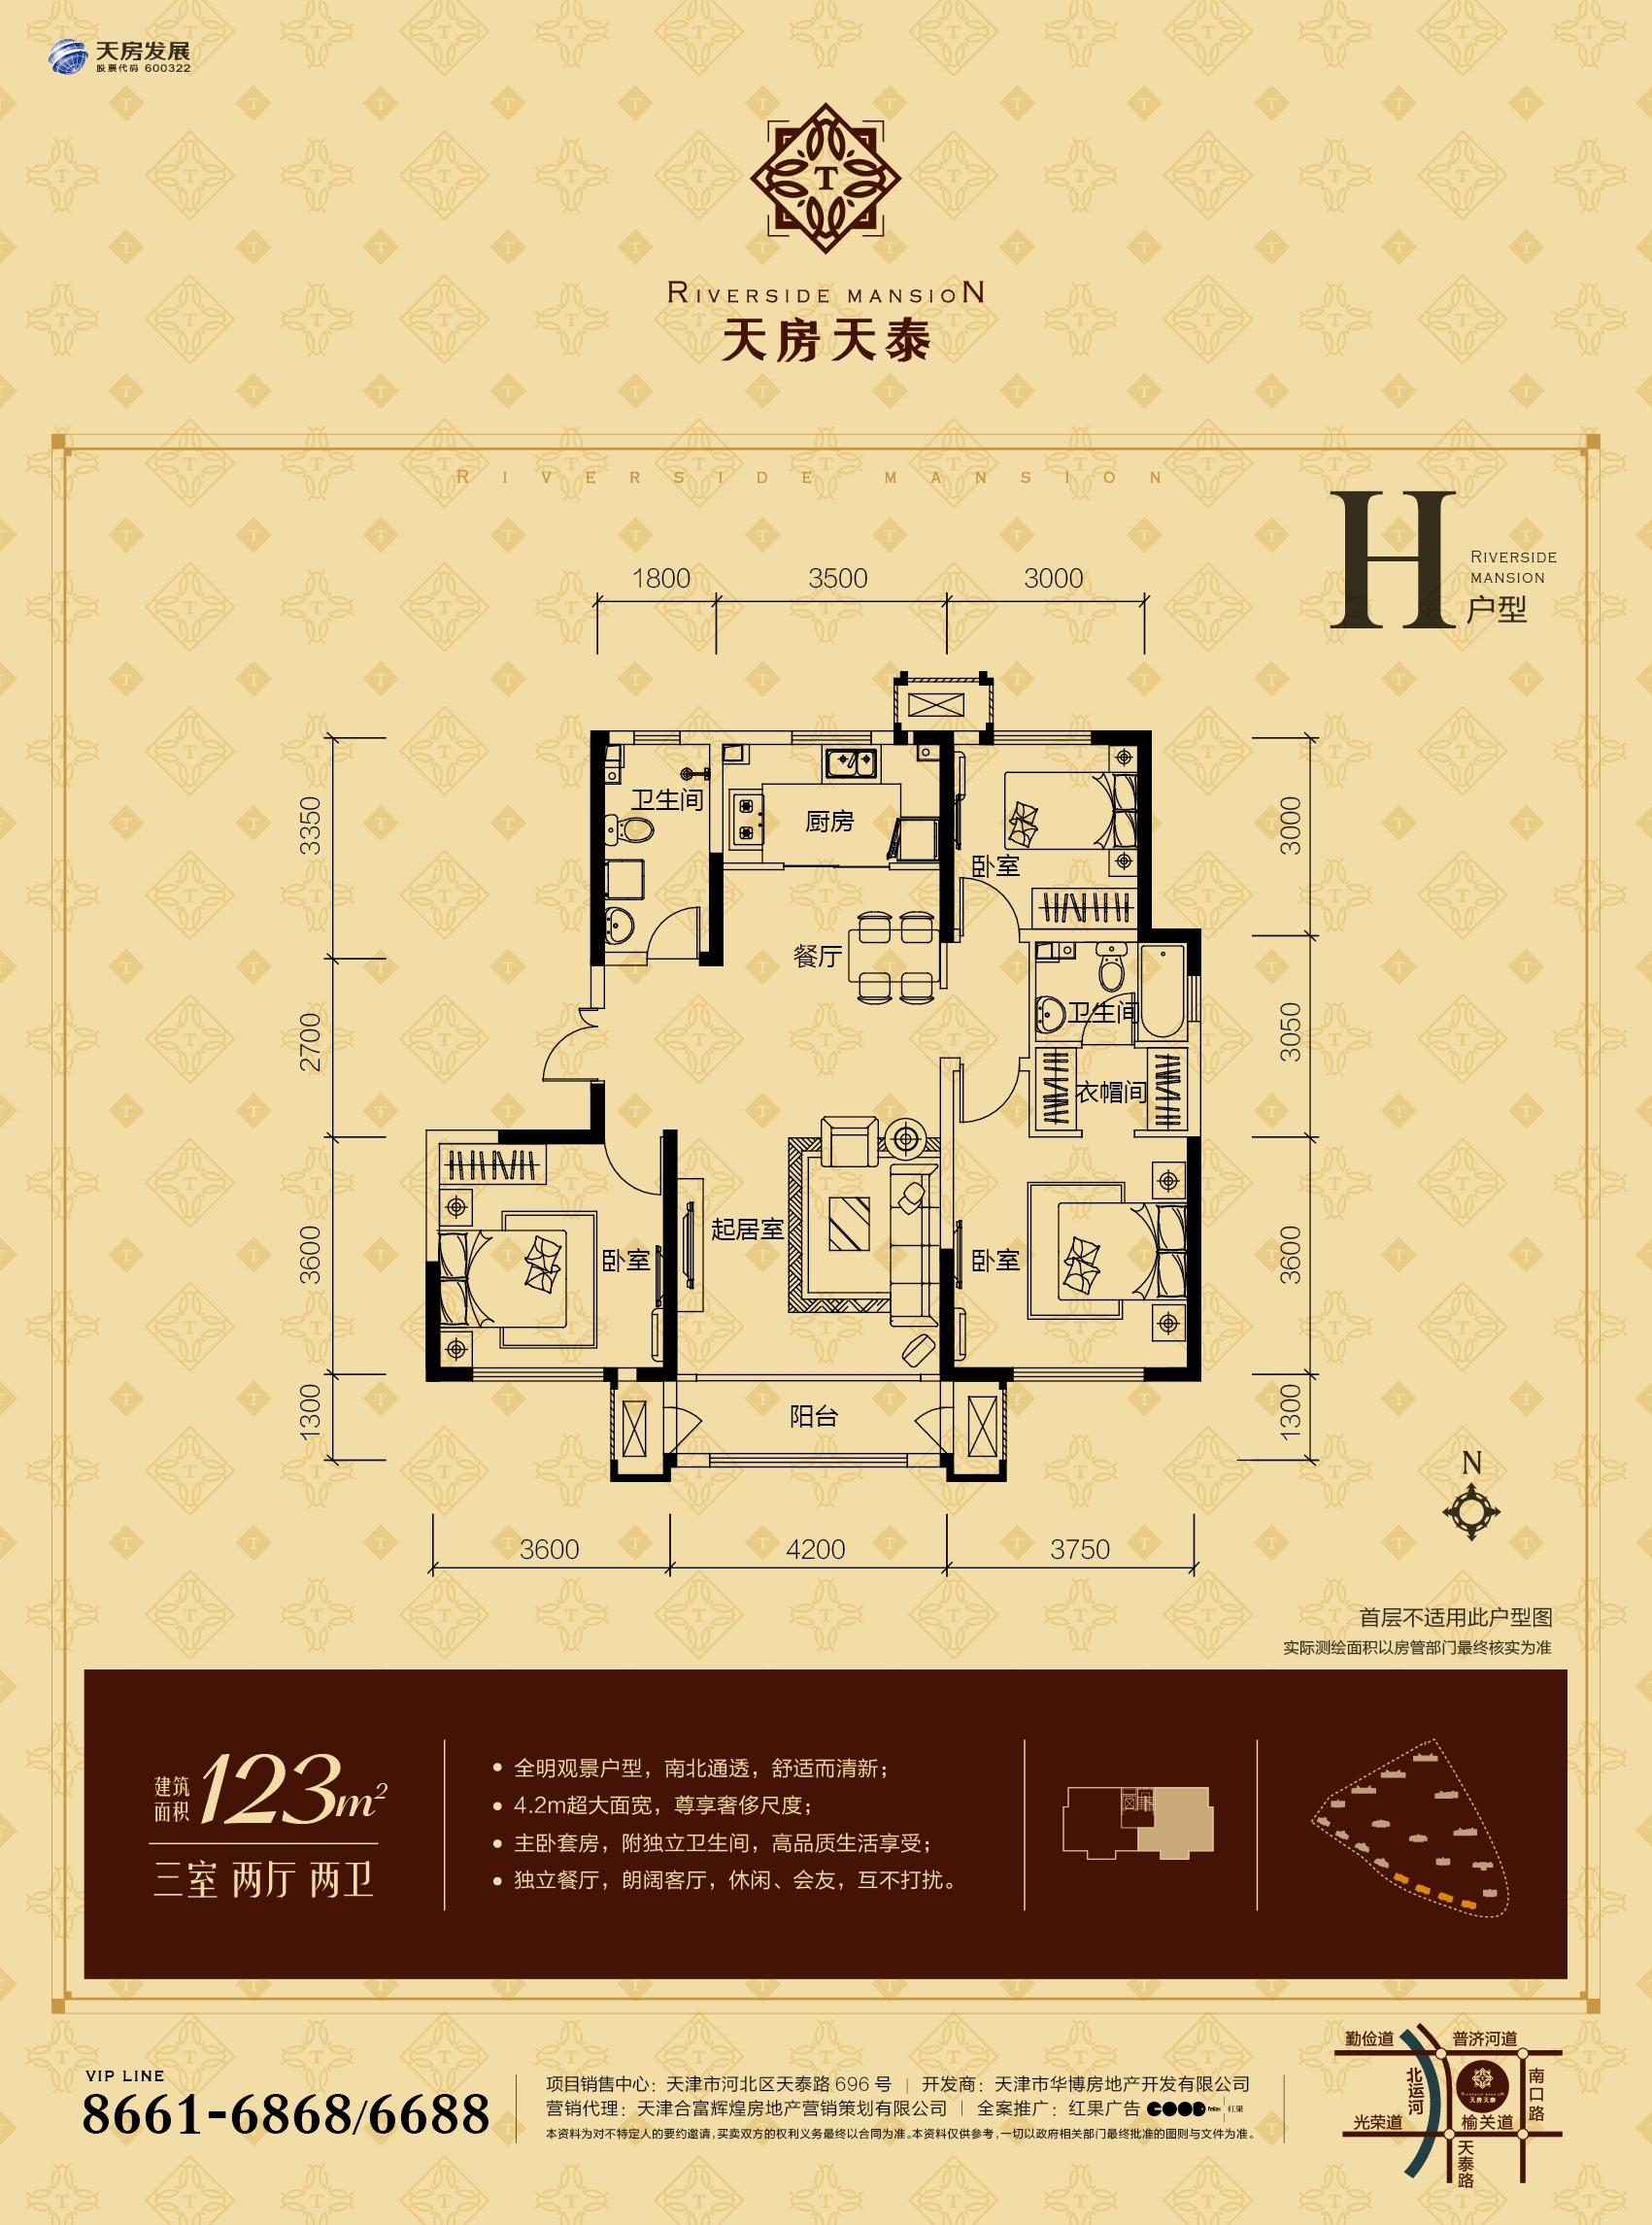 123平米三室两厅两卫 H